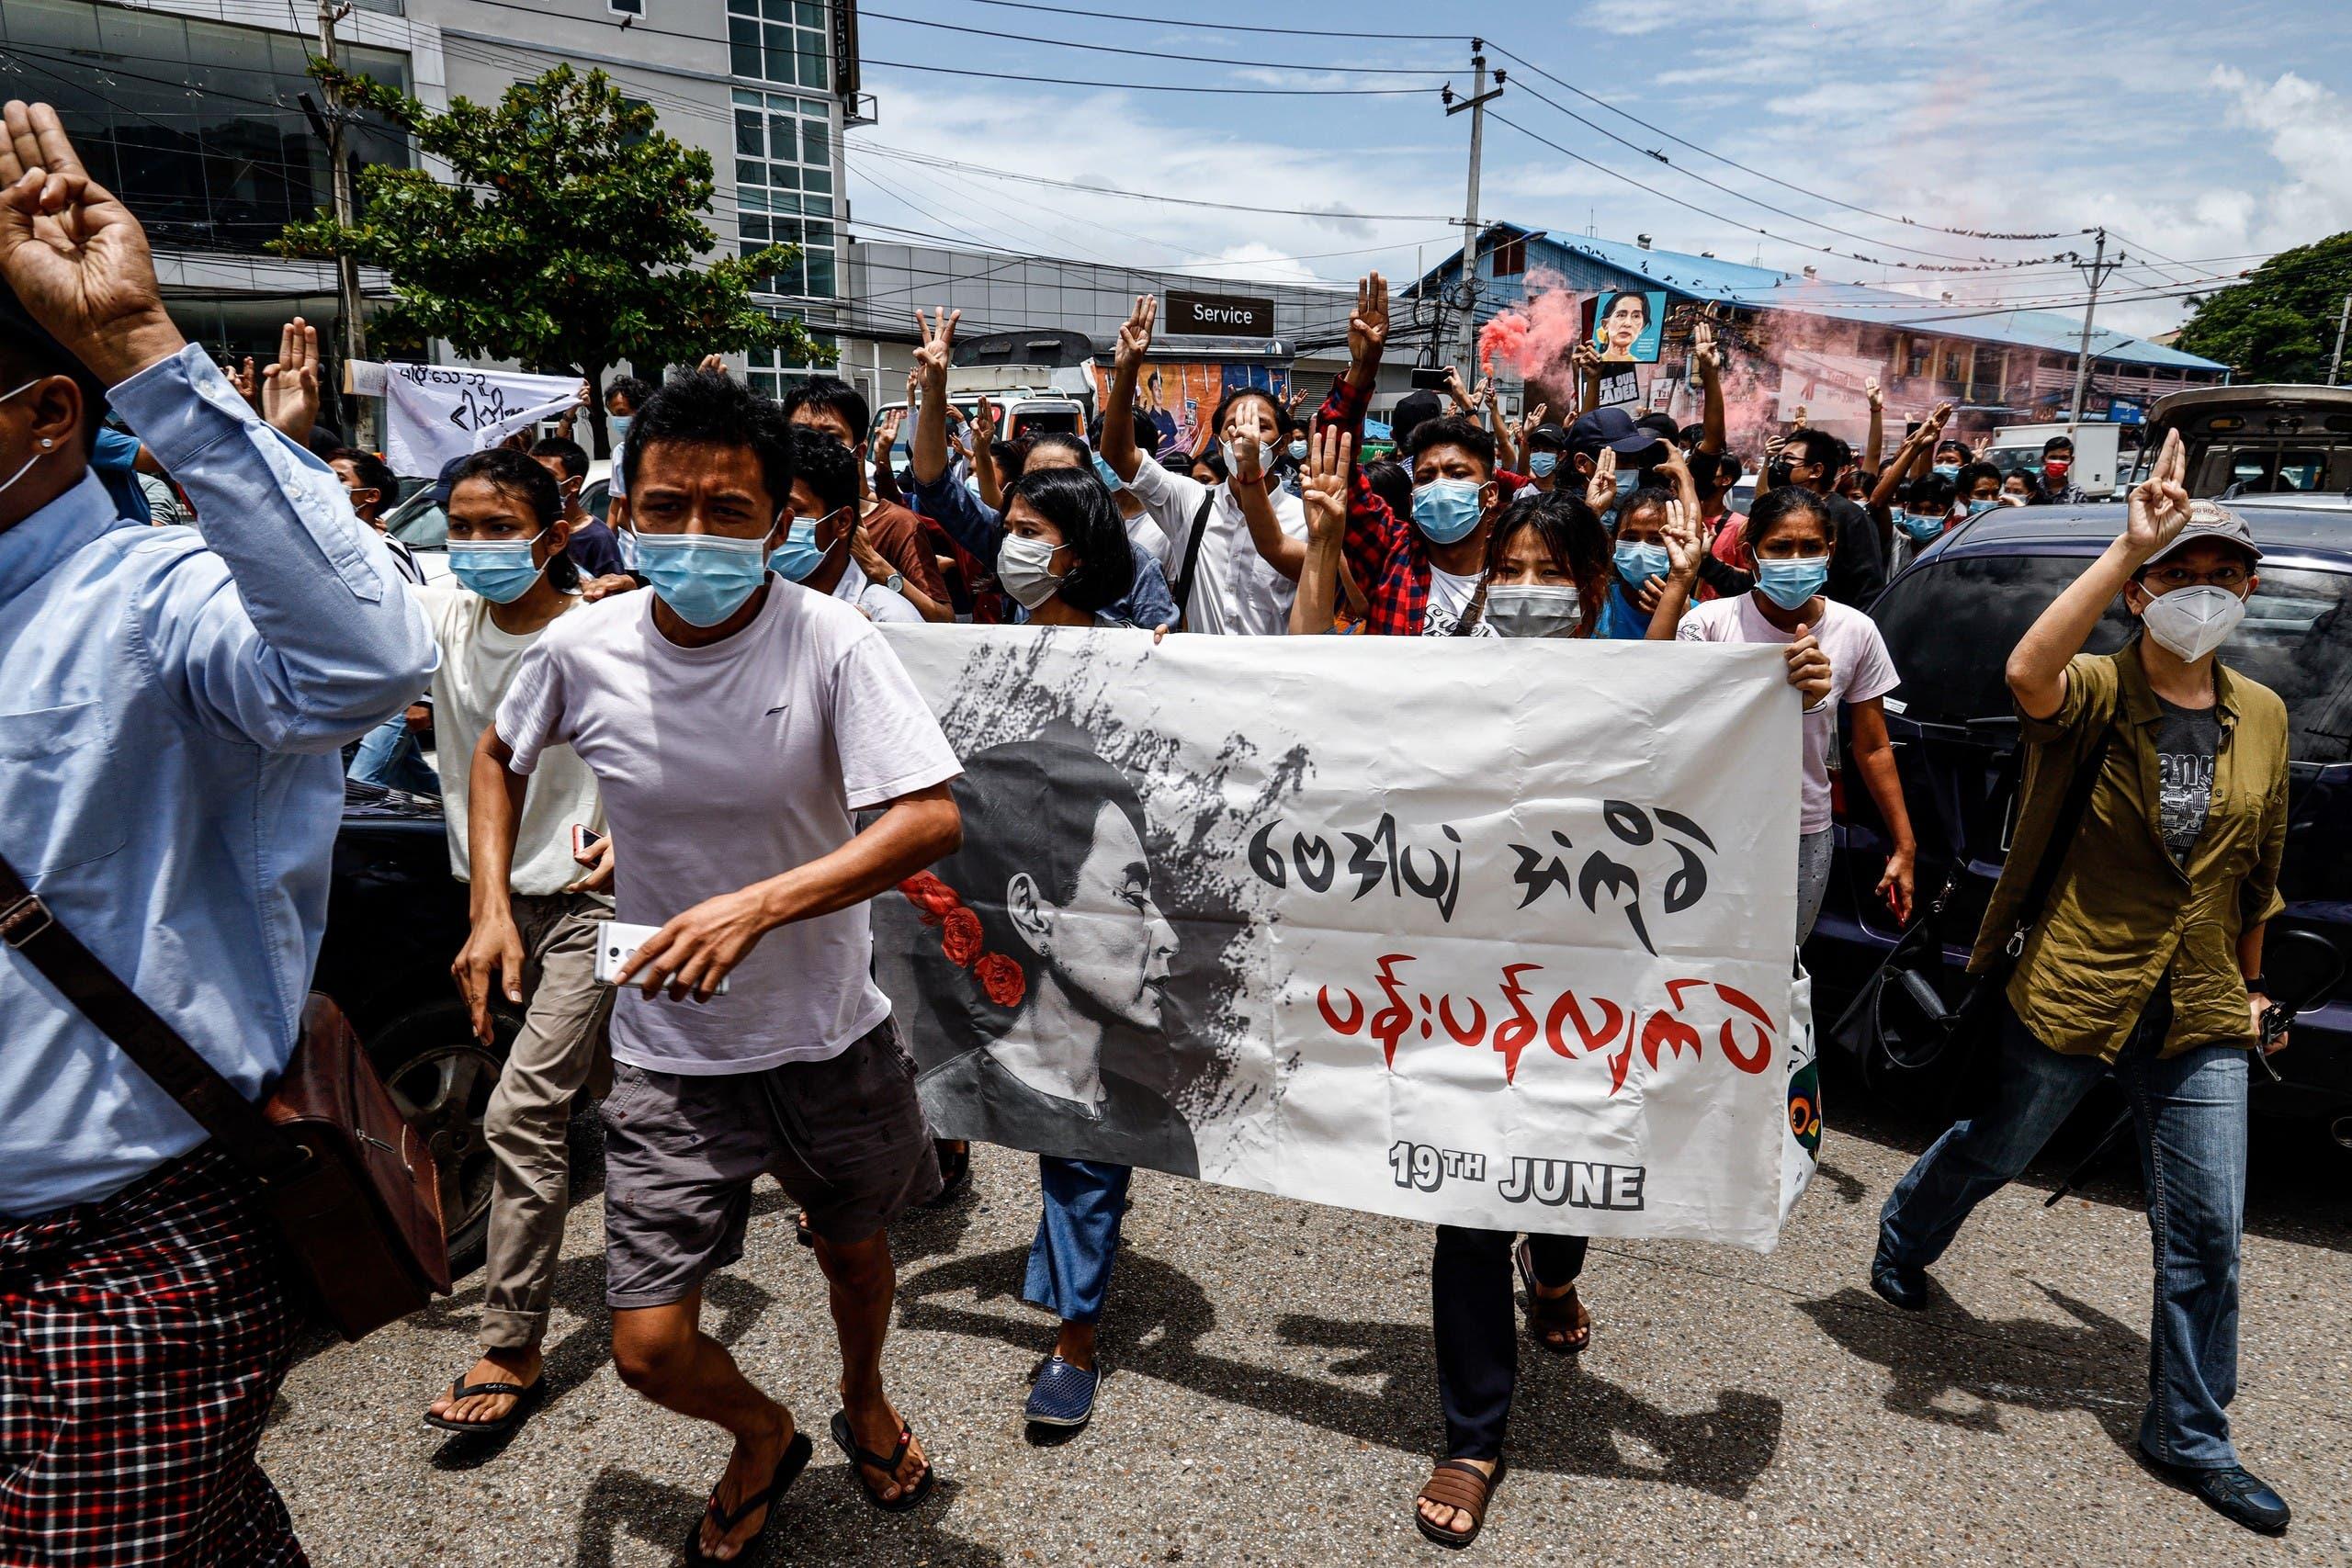 مظاهرة ضد الانقلاب اليوم في يانغون